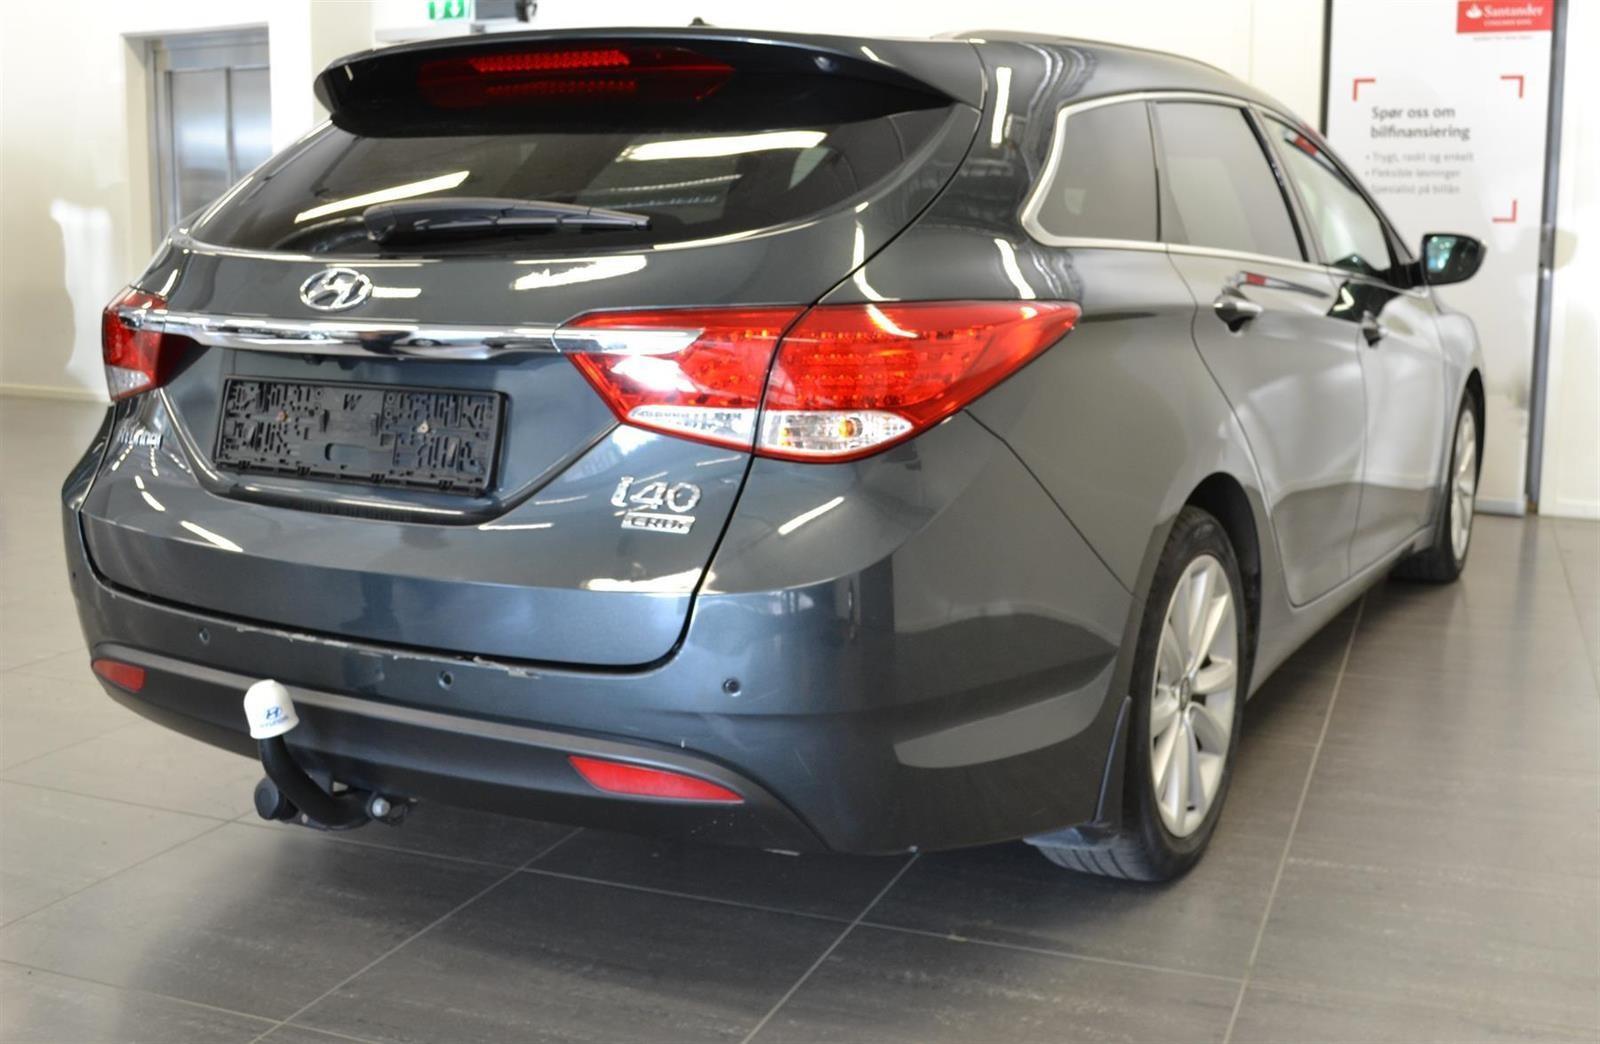 Hyundai i40 Slide 4